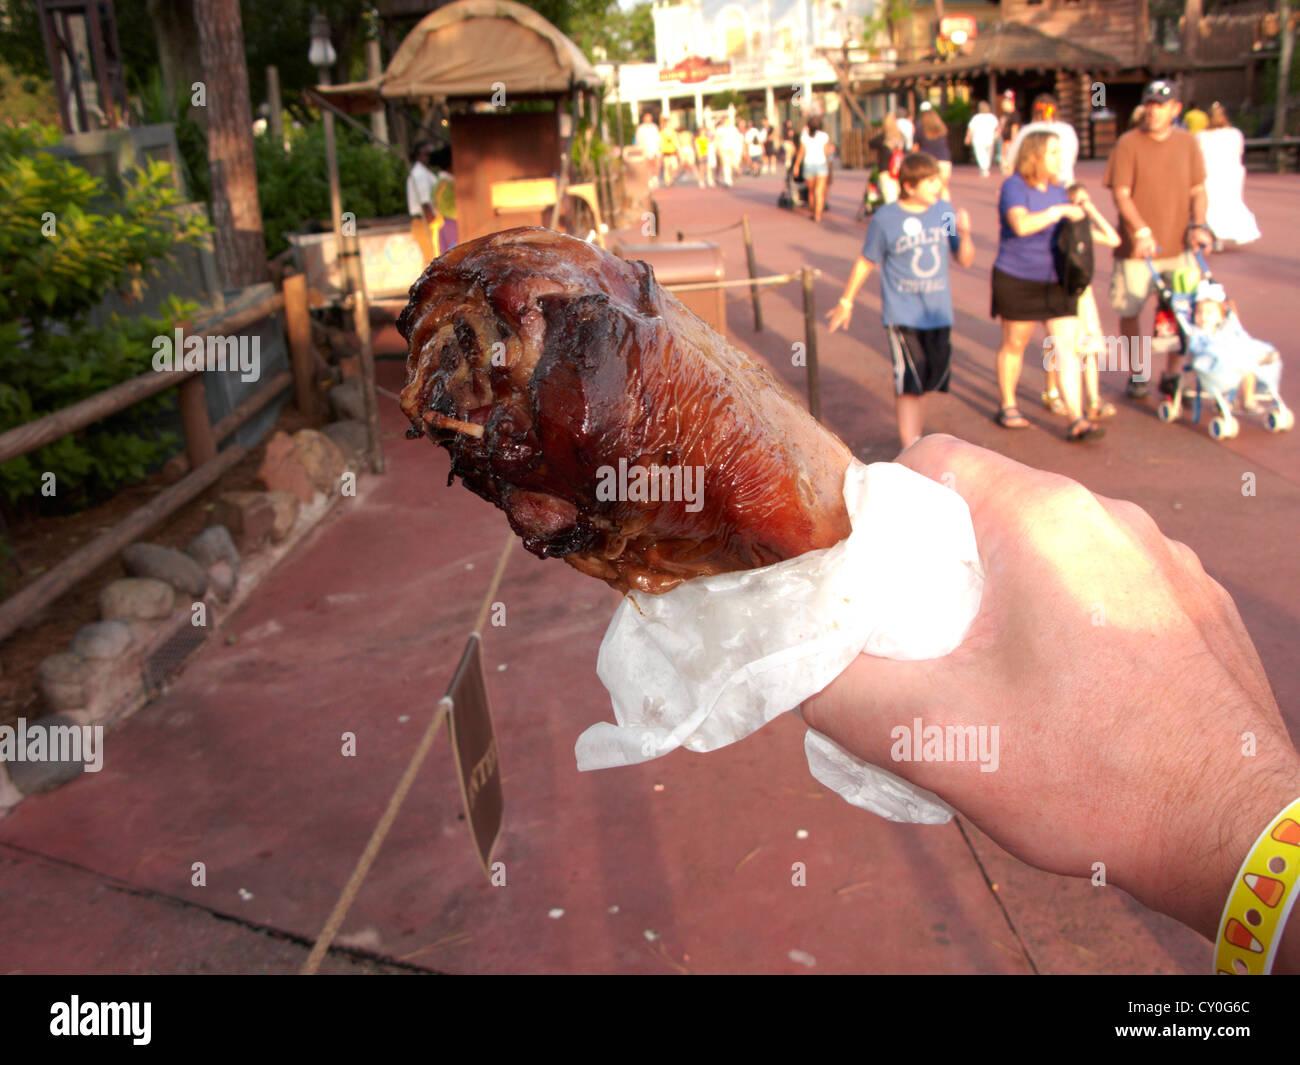 Disney World Magic Kingdom Fast Food